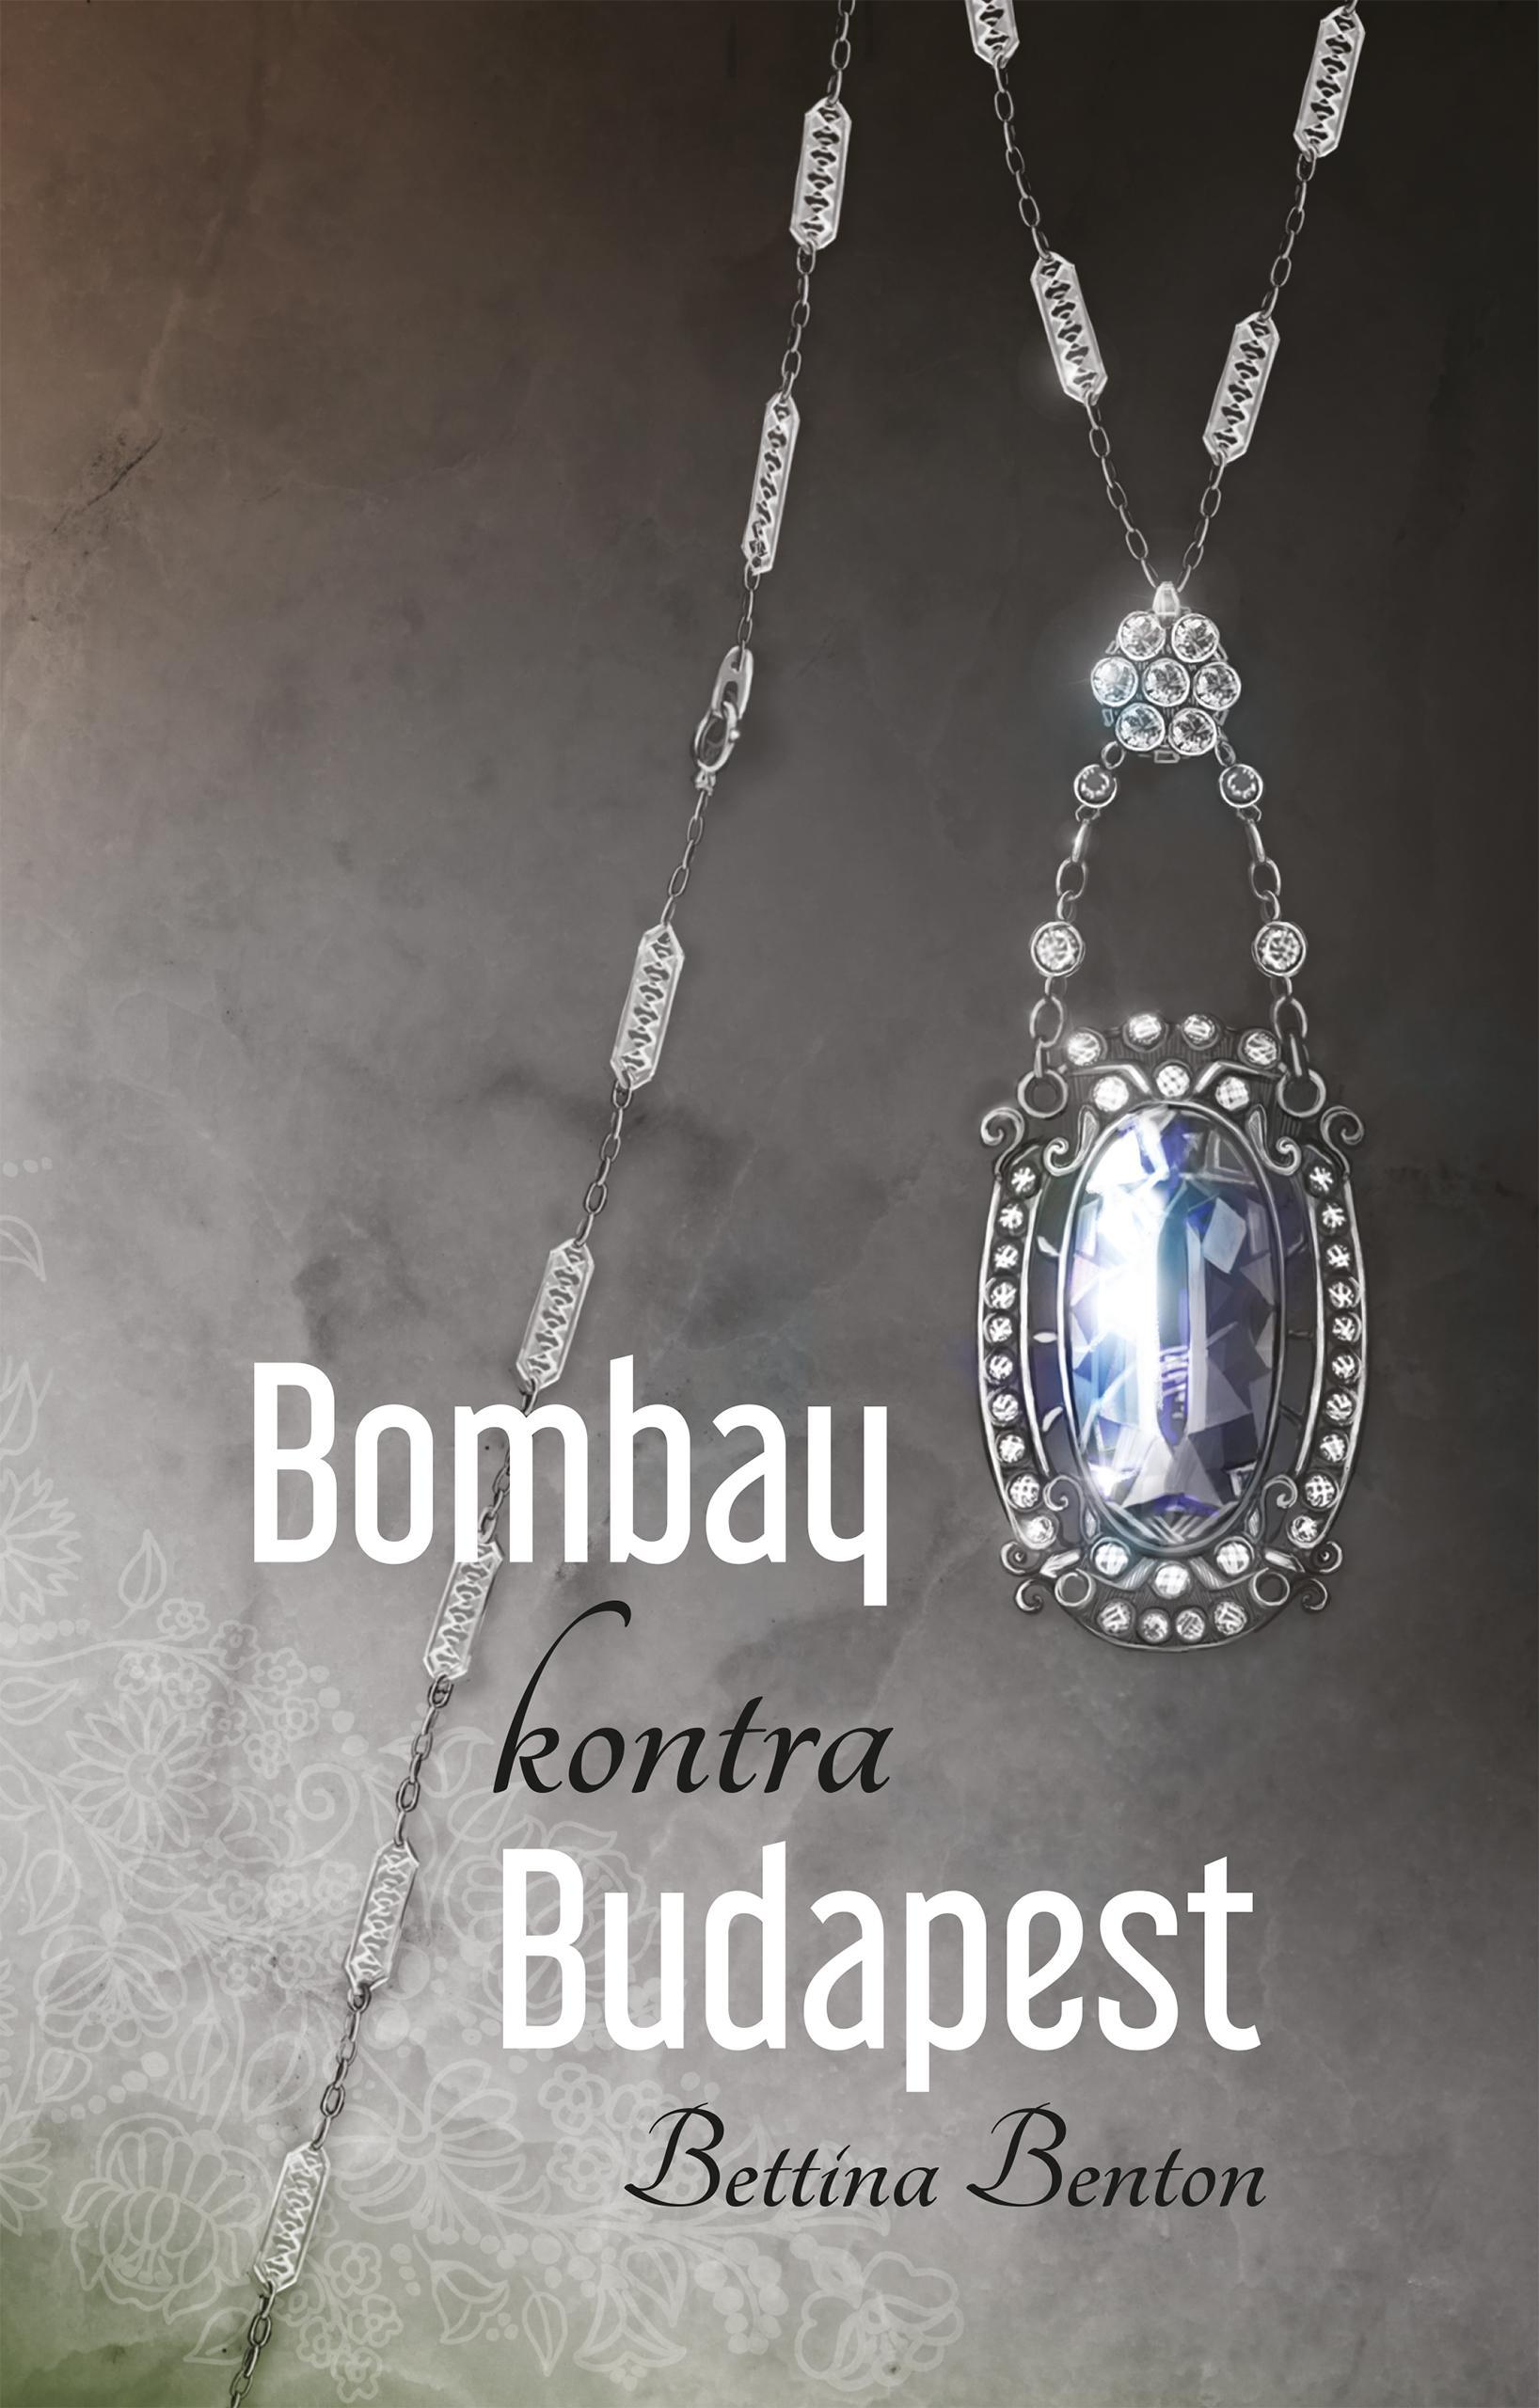 Bombay kontra Budapest